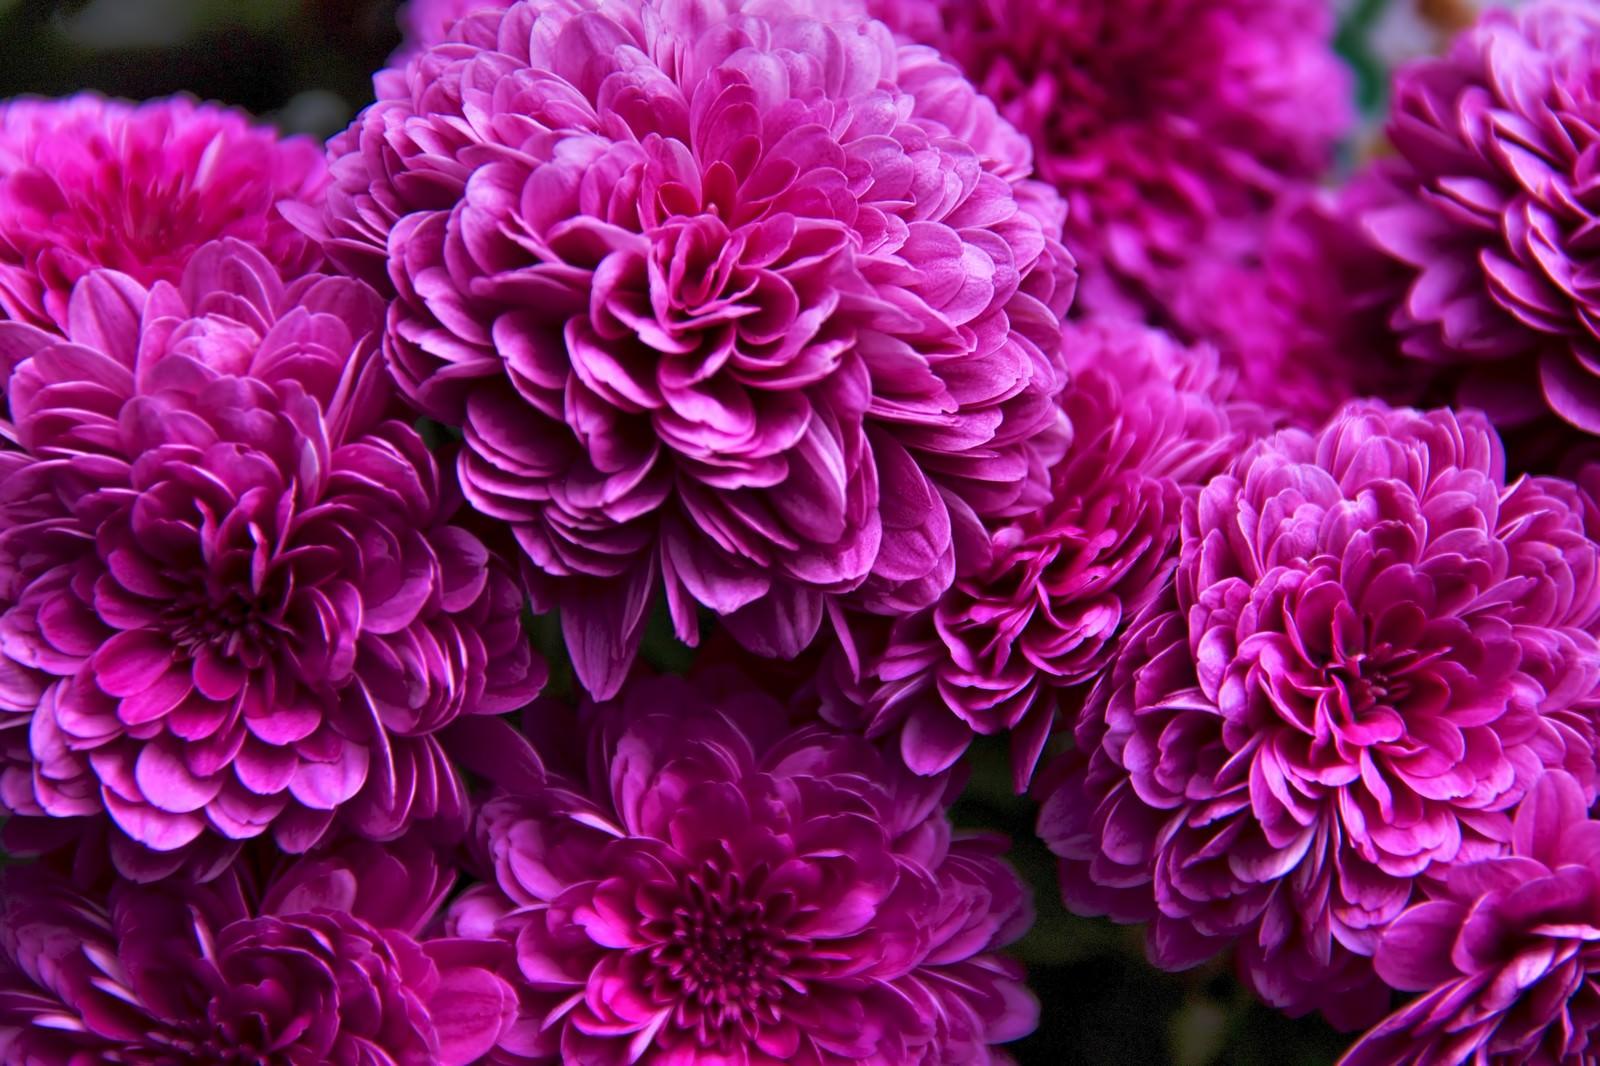 ひしめき咲く紫の花 無料の写真素材はフリー素材のぱくたそ